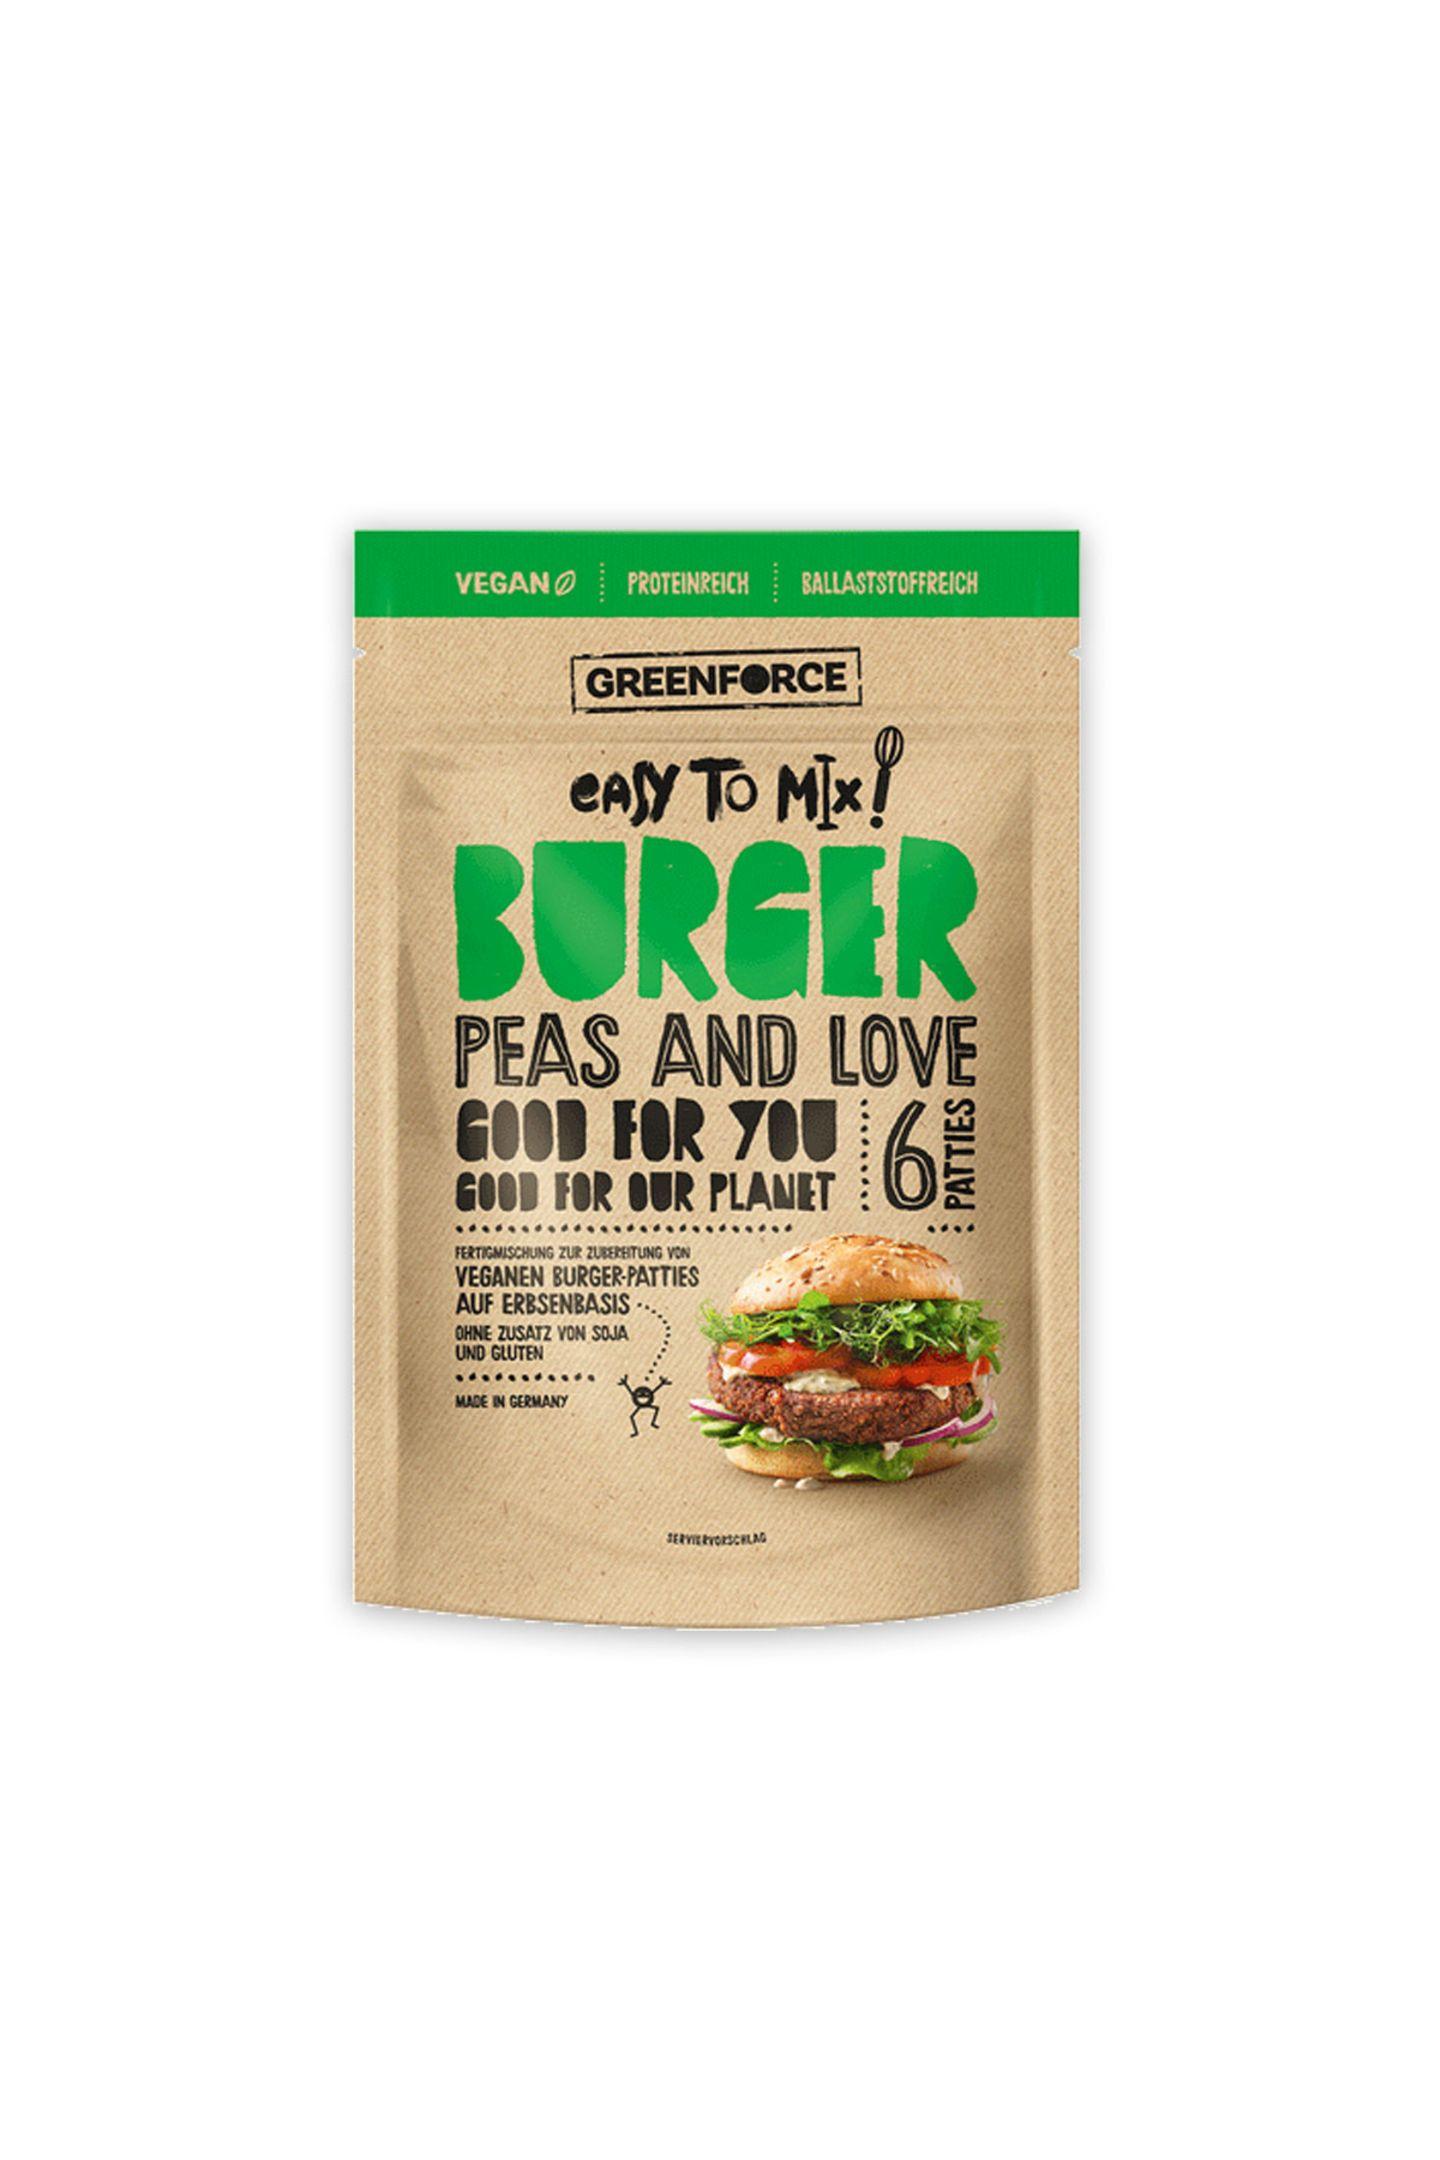 PflanzenpowerGrillen und Sommer gehören einfach zusammen. Wer auf Fleisch, aber nicht auf guten Geschmack verzichten will, kann mit diesem Fertig-Mix für sechs Patties nichts verkehrt machen. Von Greenforce, ca. 5 Euro